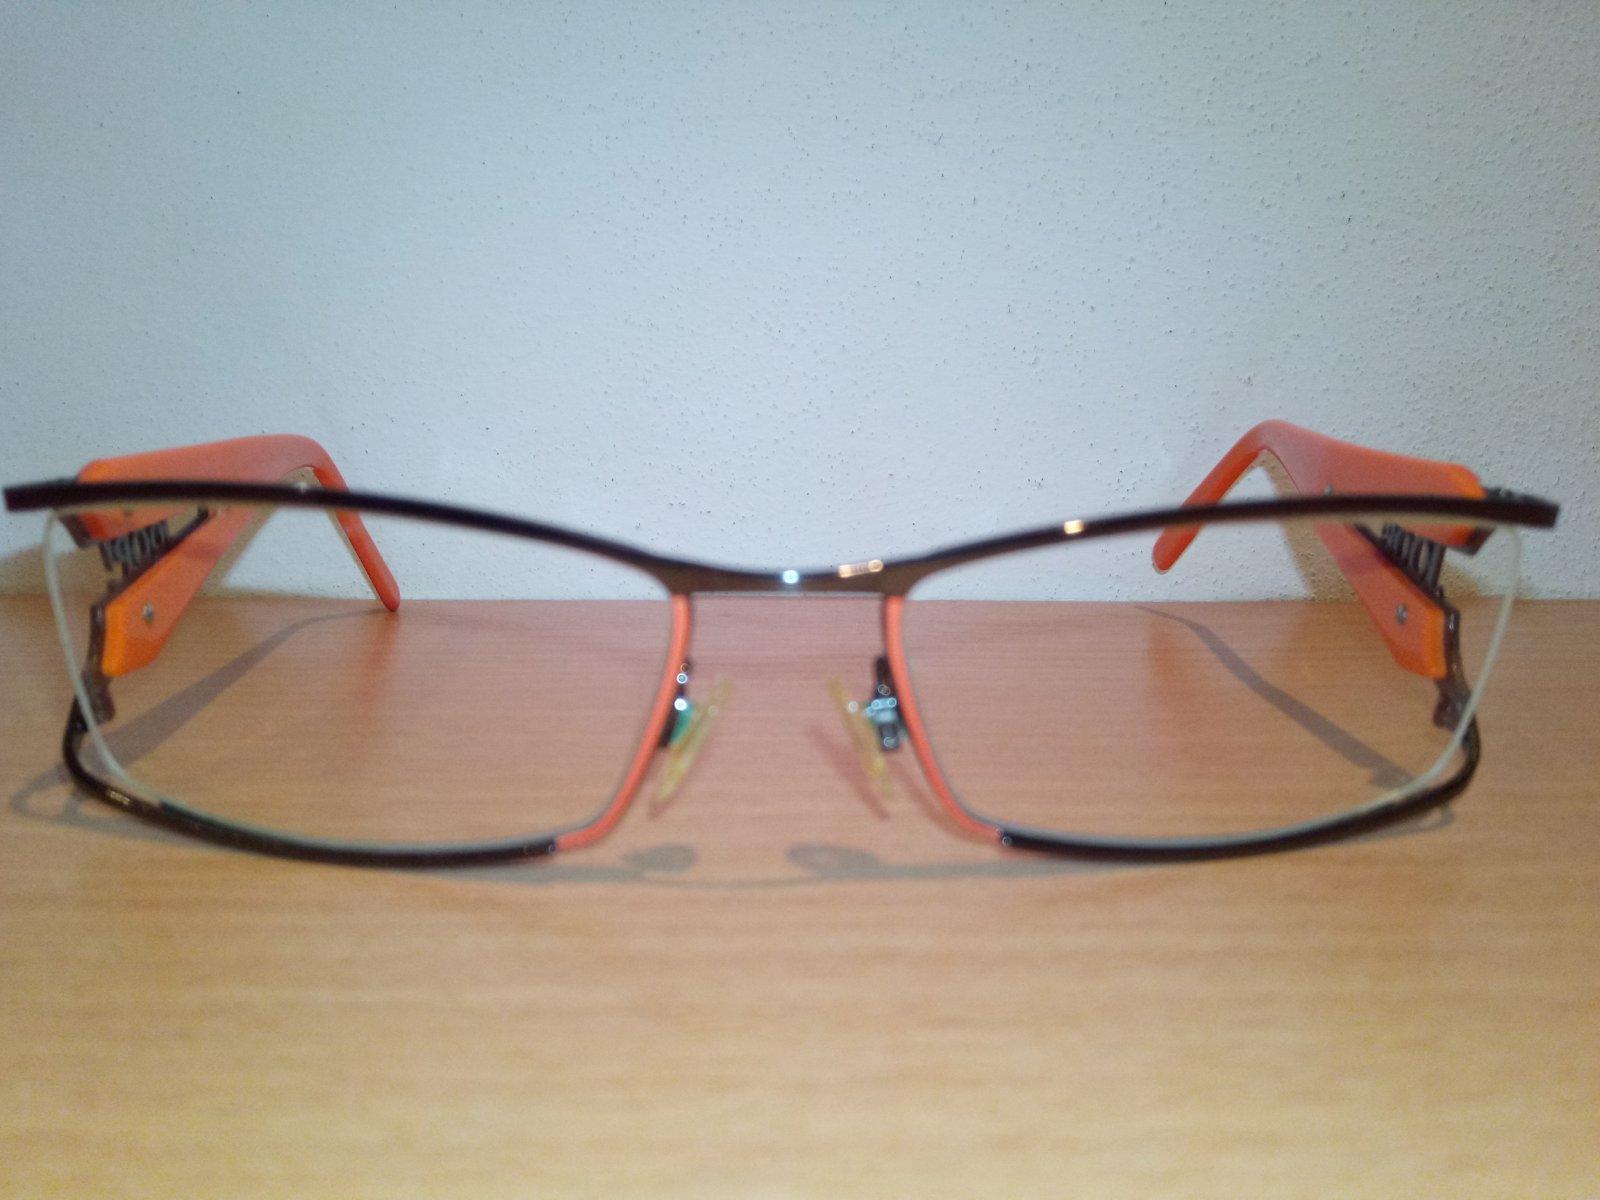 5269b0d59 Dioptrické okuliare joop, - 40 € od predávajúcej majkavl | Detský bazár |  ModryKonik.sk